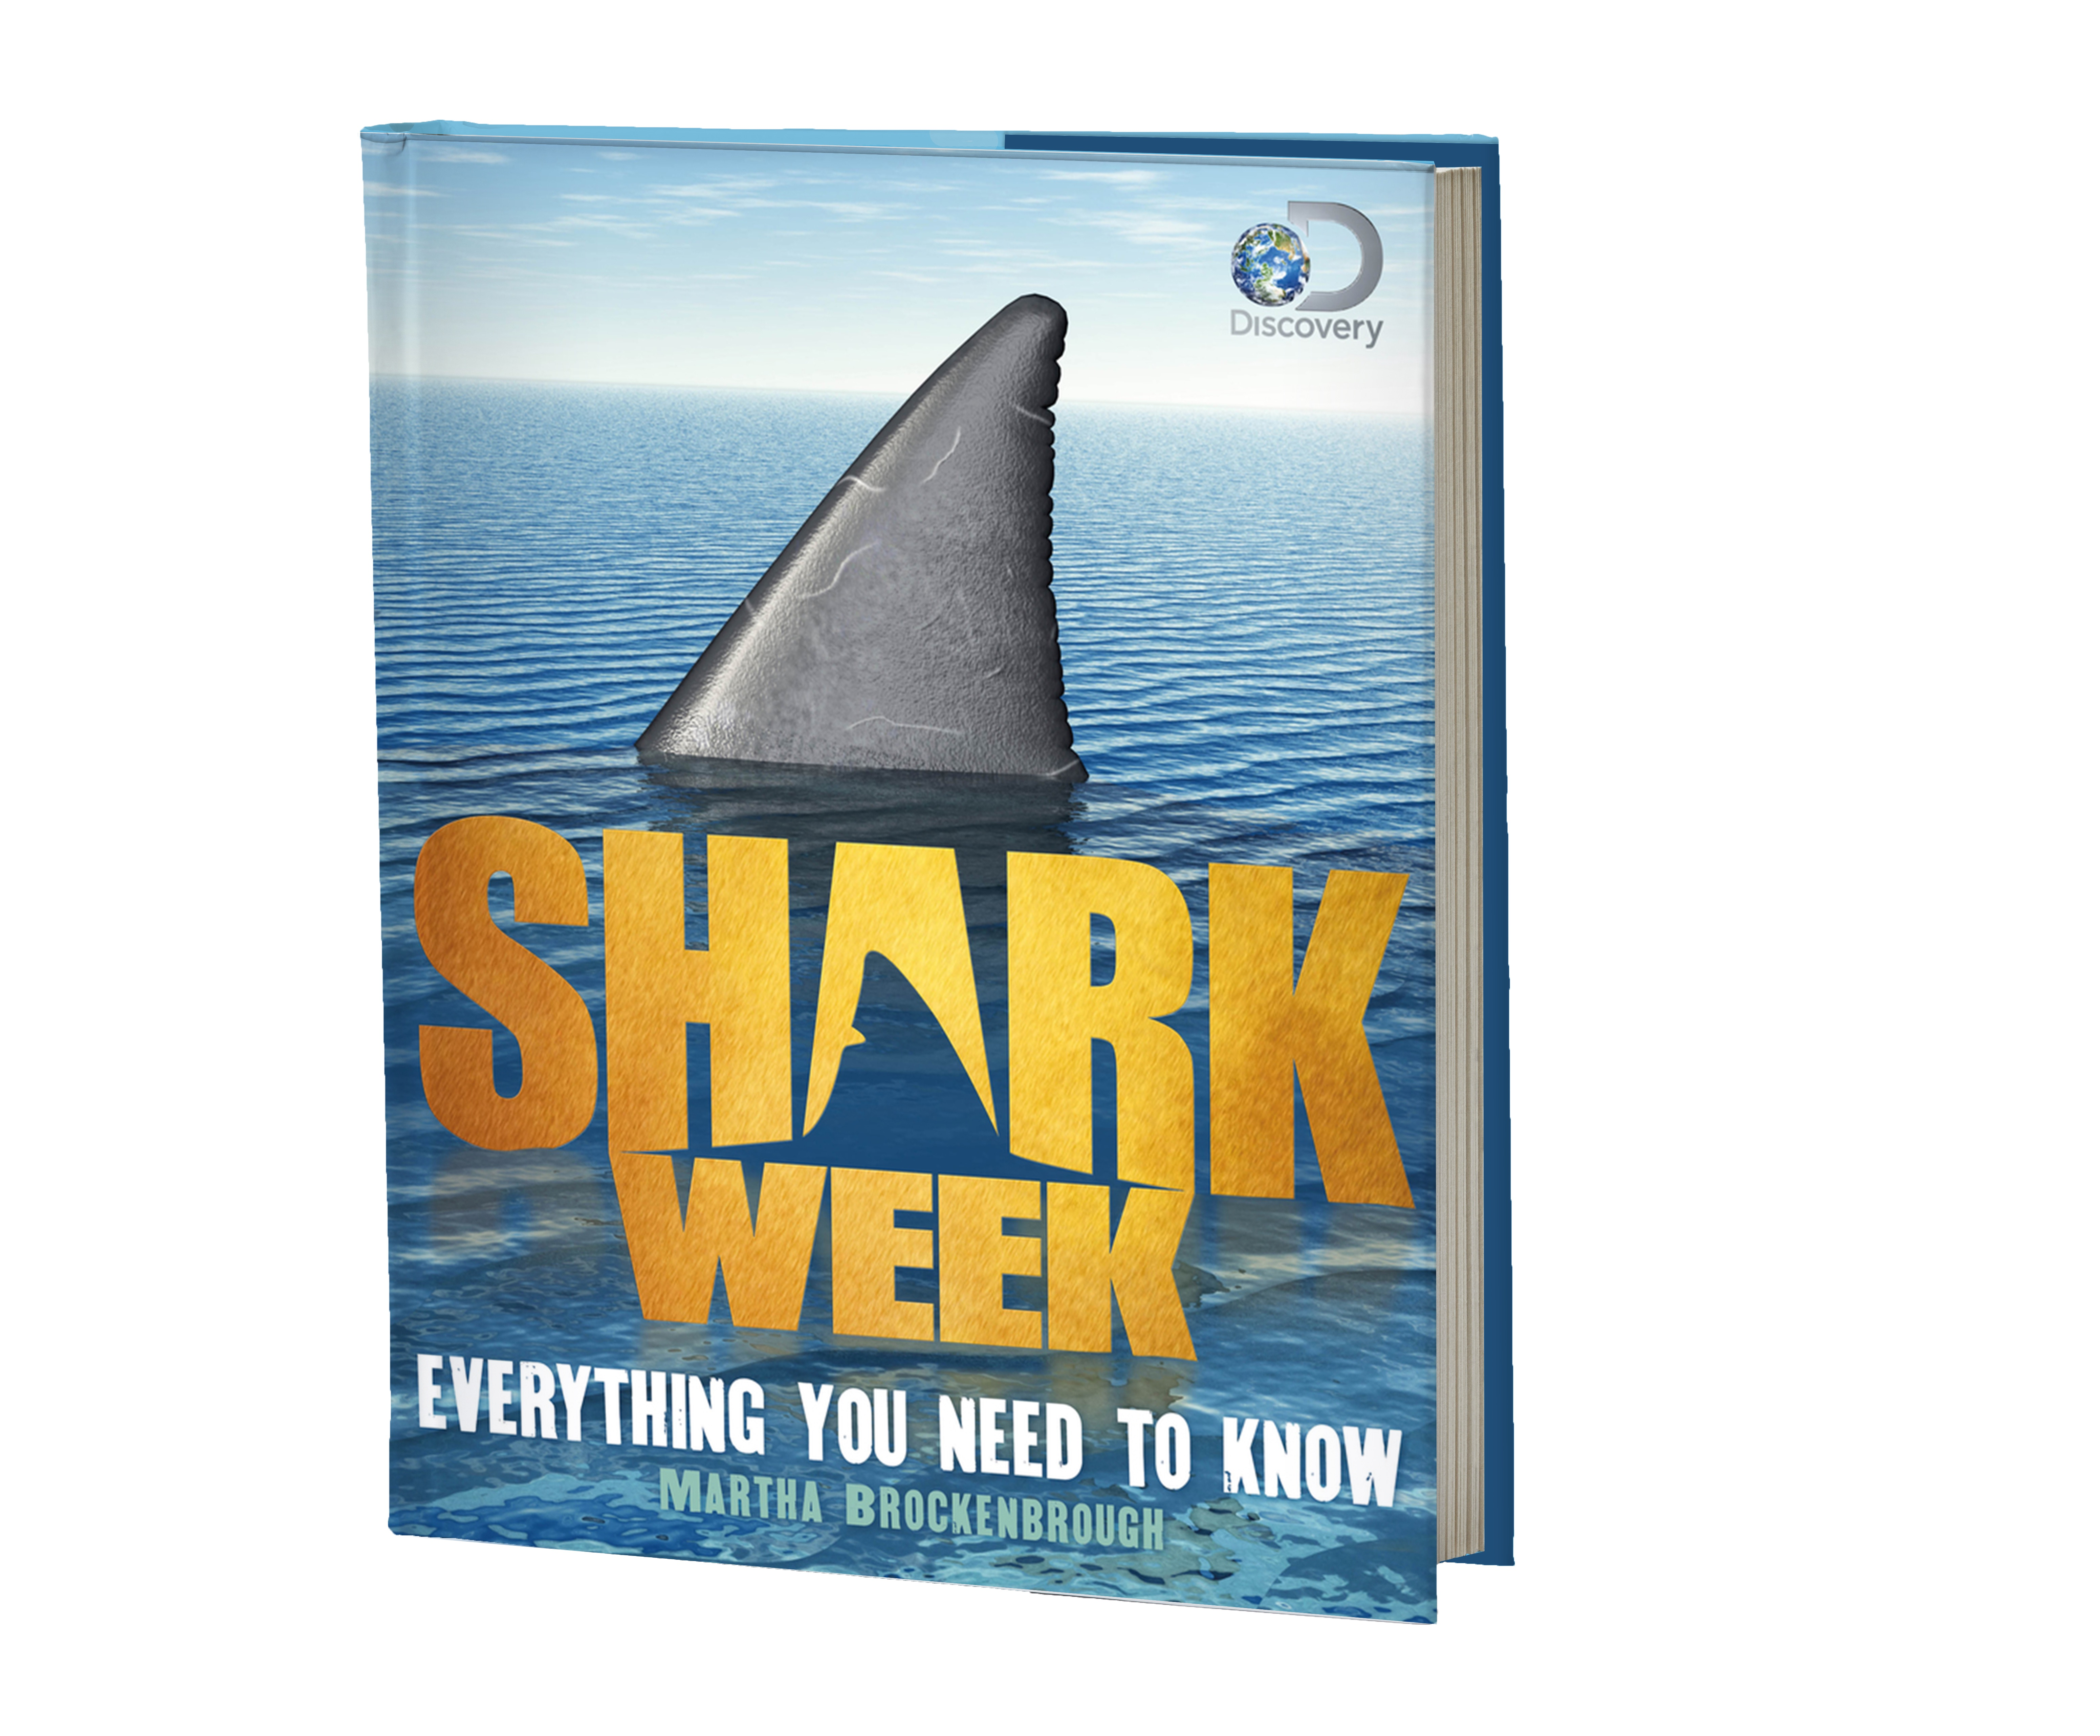 sharkweek-2 Jpg